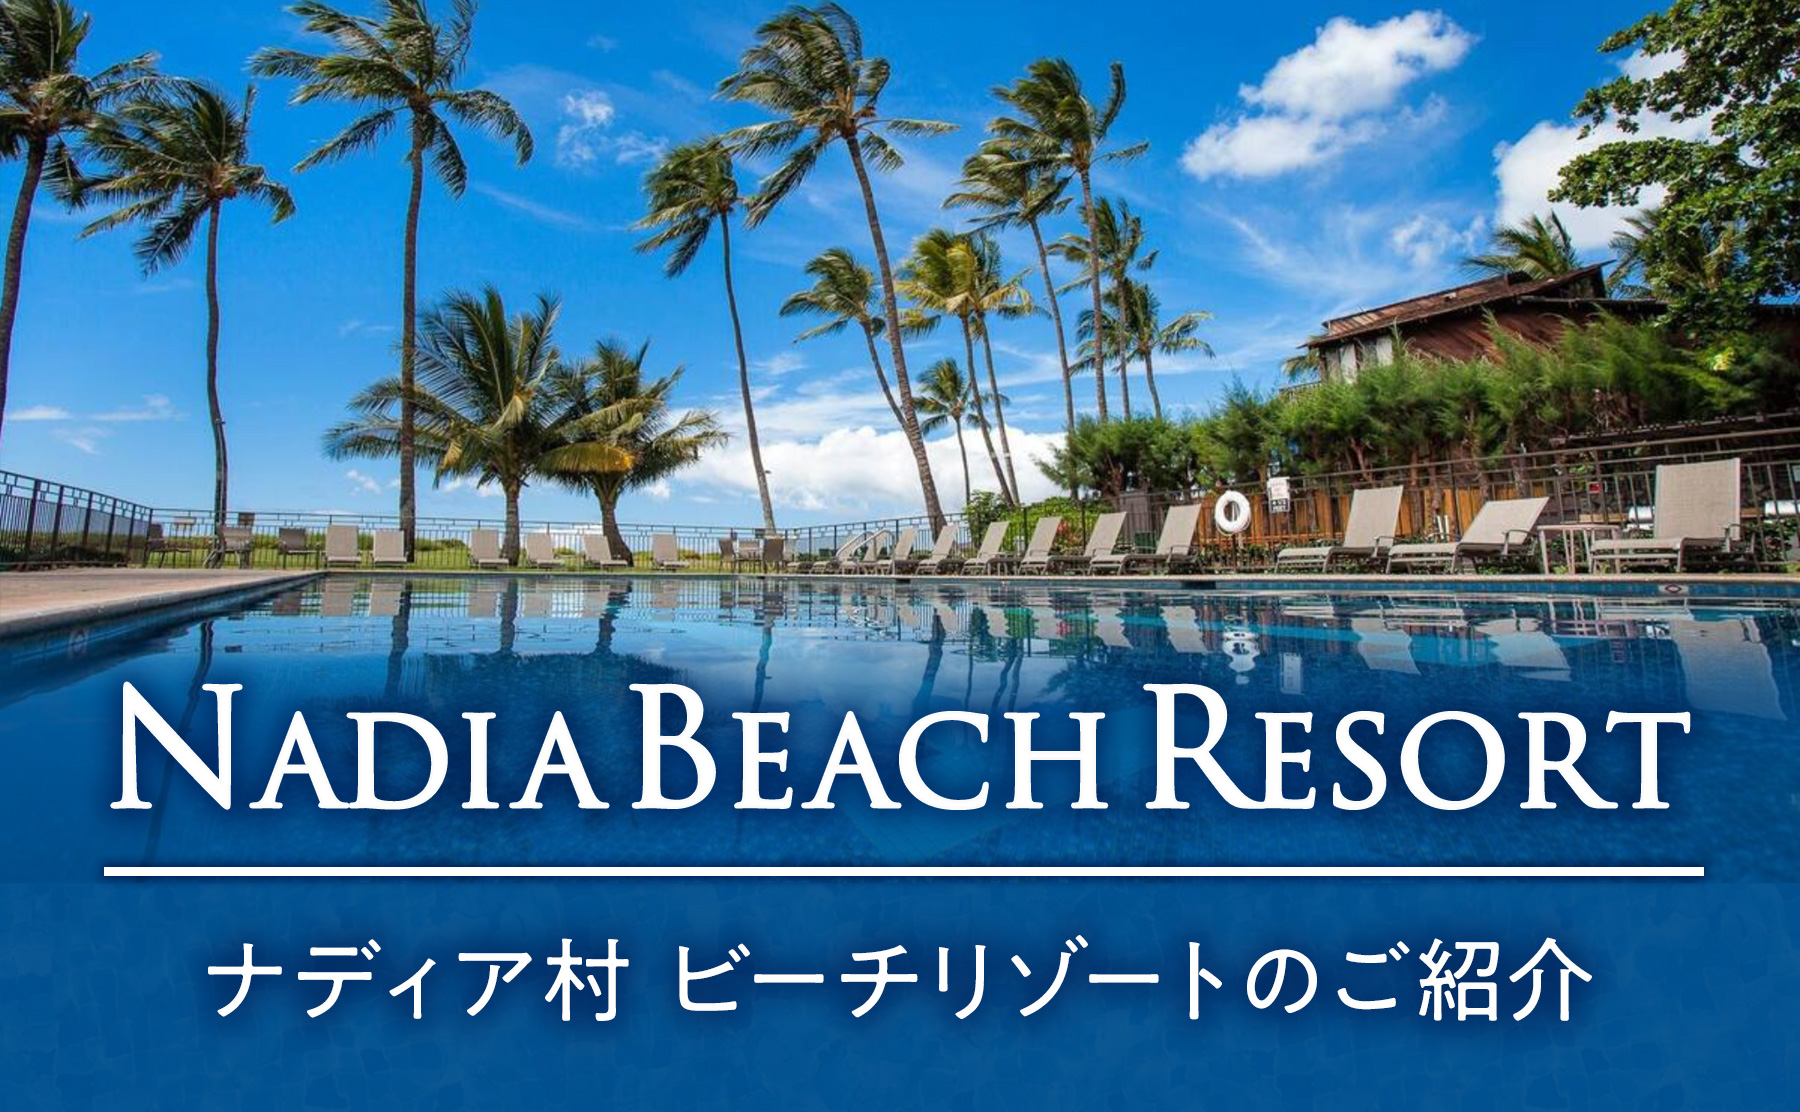 ハワイ・ナディア村ビーチリゾート